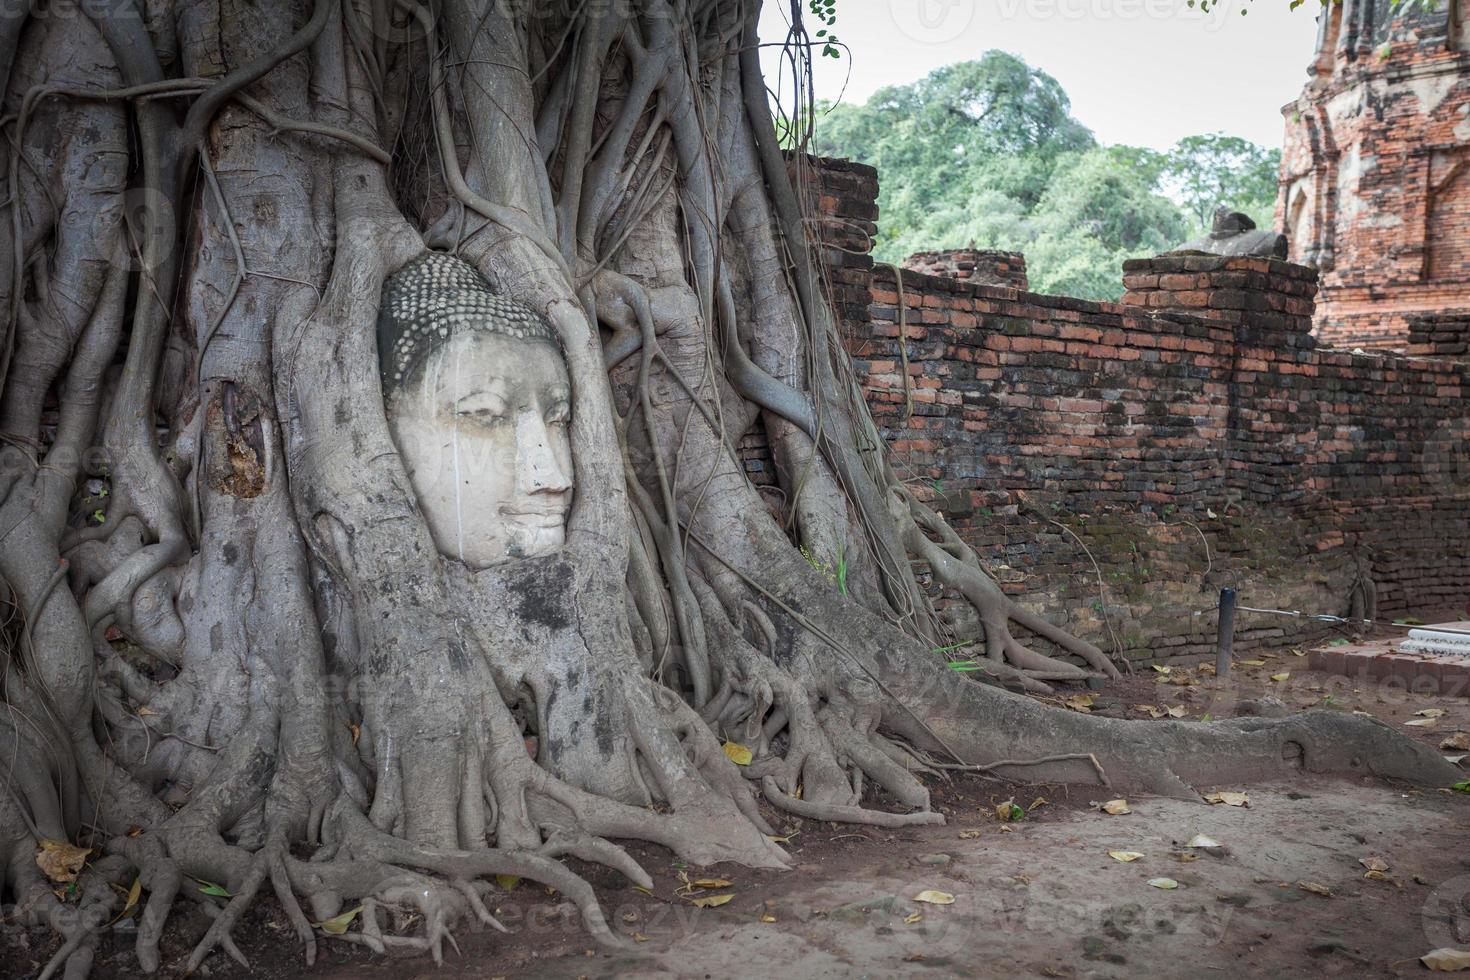 Cabeza de Buda en el árbol raíz en Ayutthaya Tailandia. foto